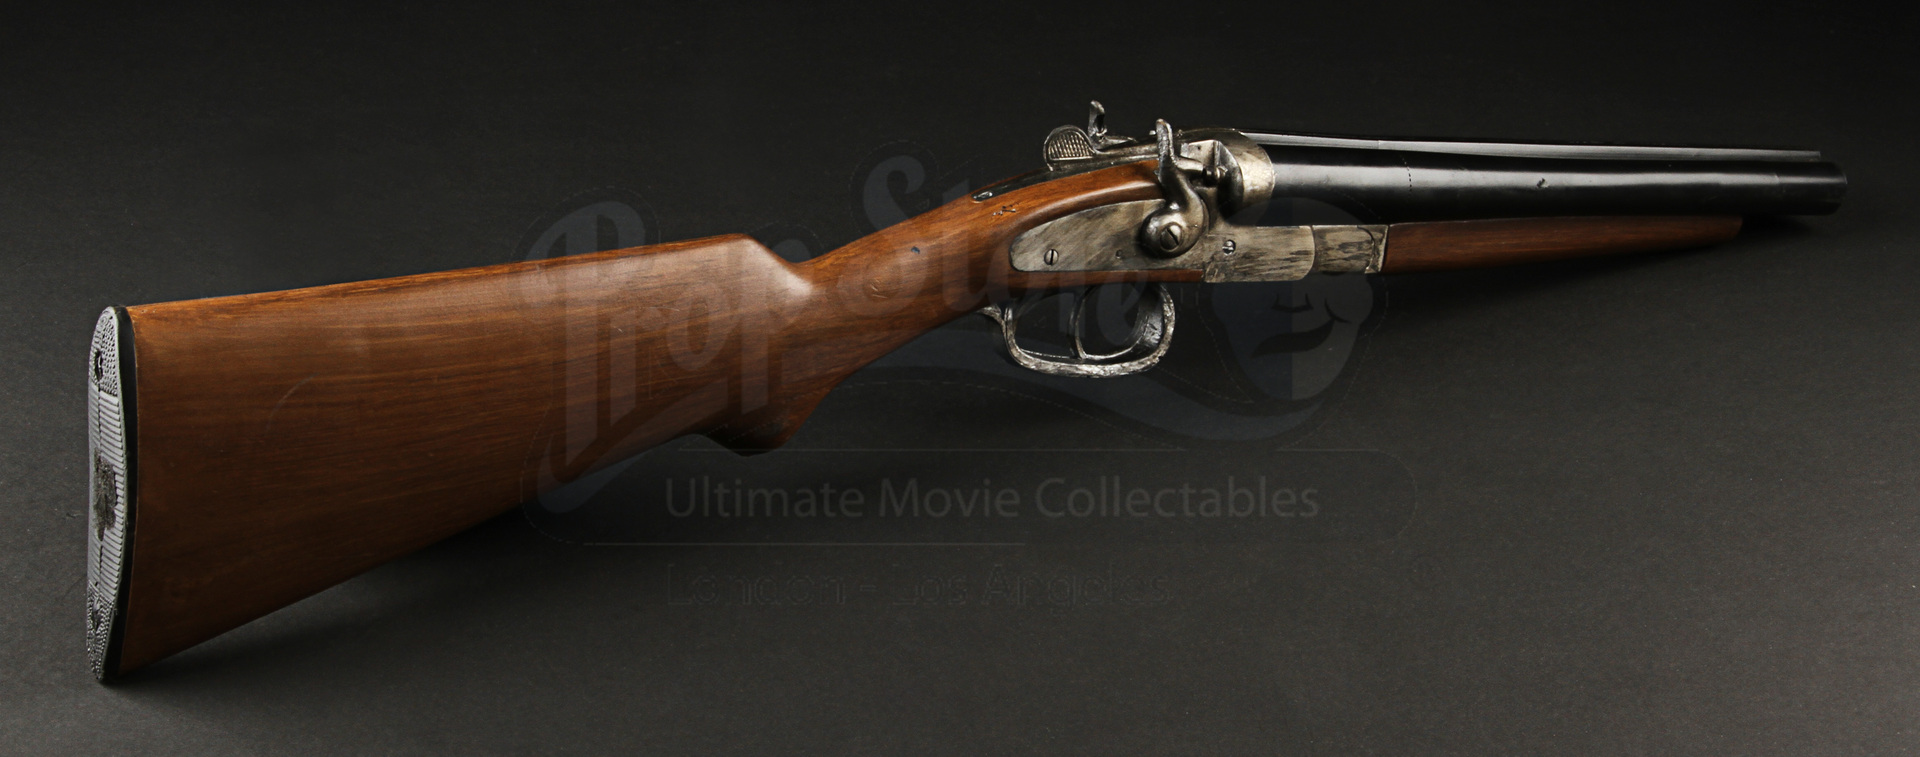 Stunt Double Barrel Shotgun | Prop Store - Ultimate Movie ...